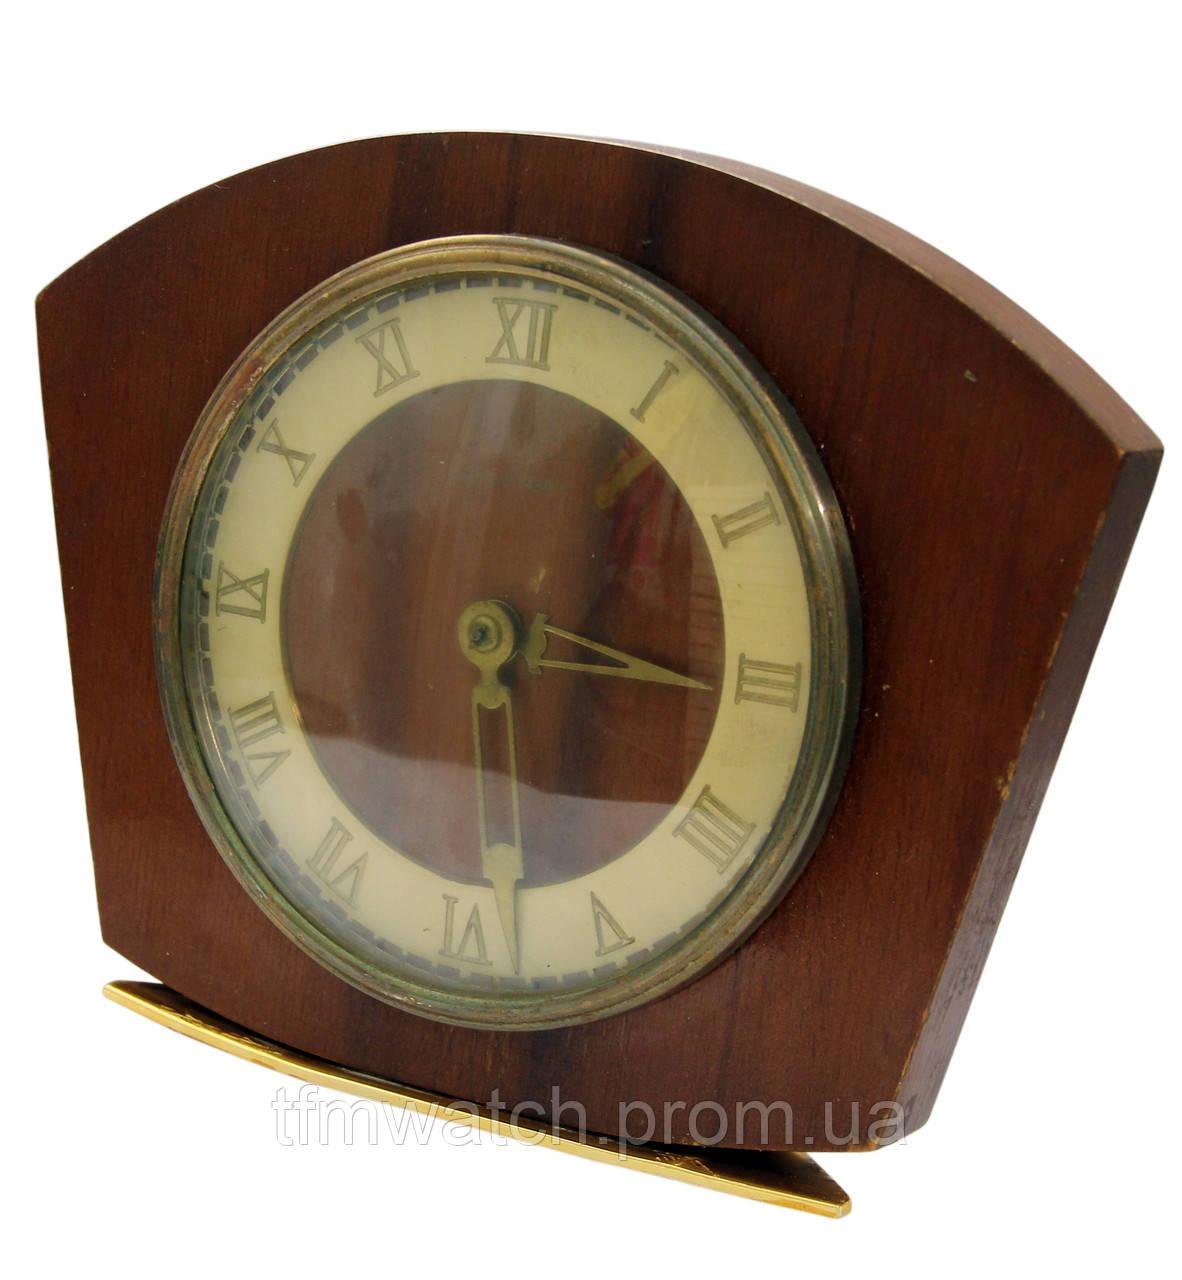 Часы продать настольные советские орловский продам часы настенные